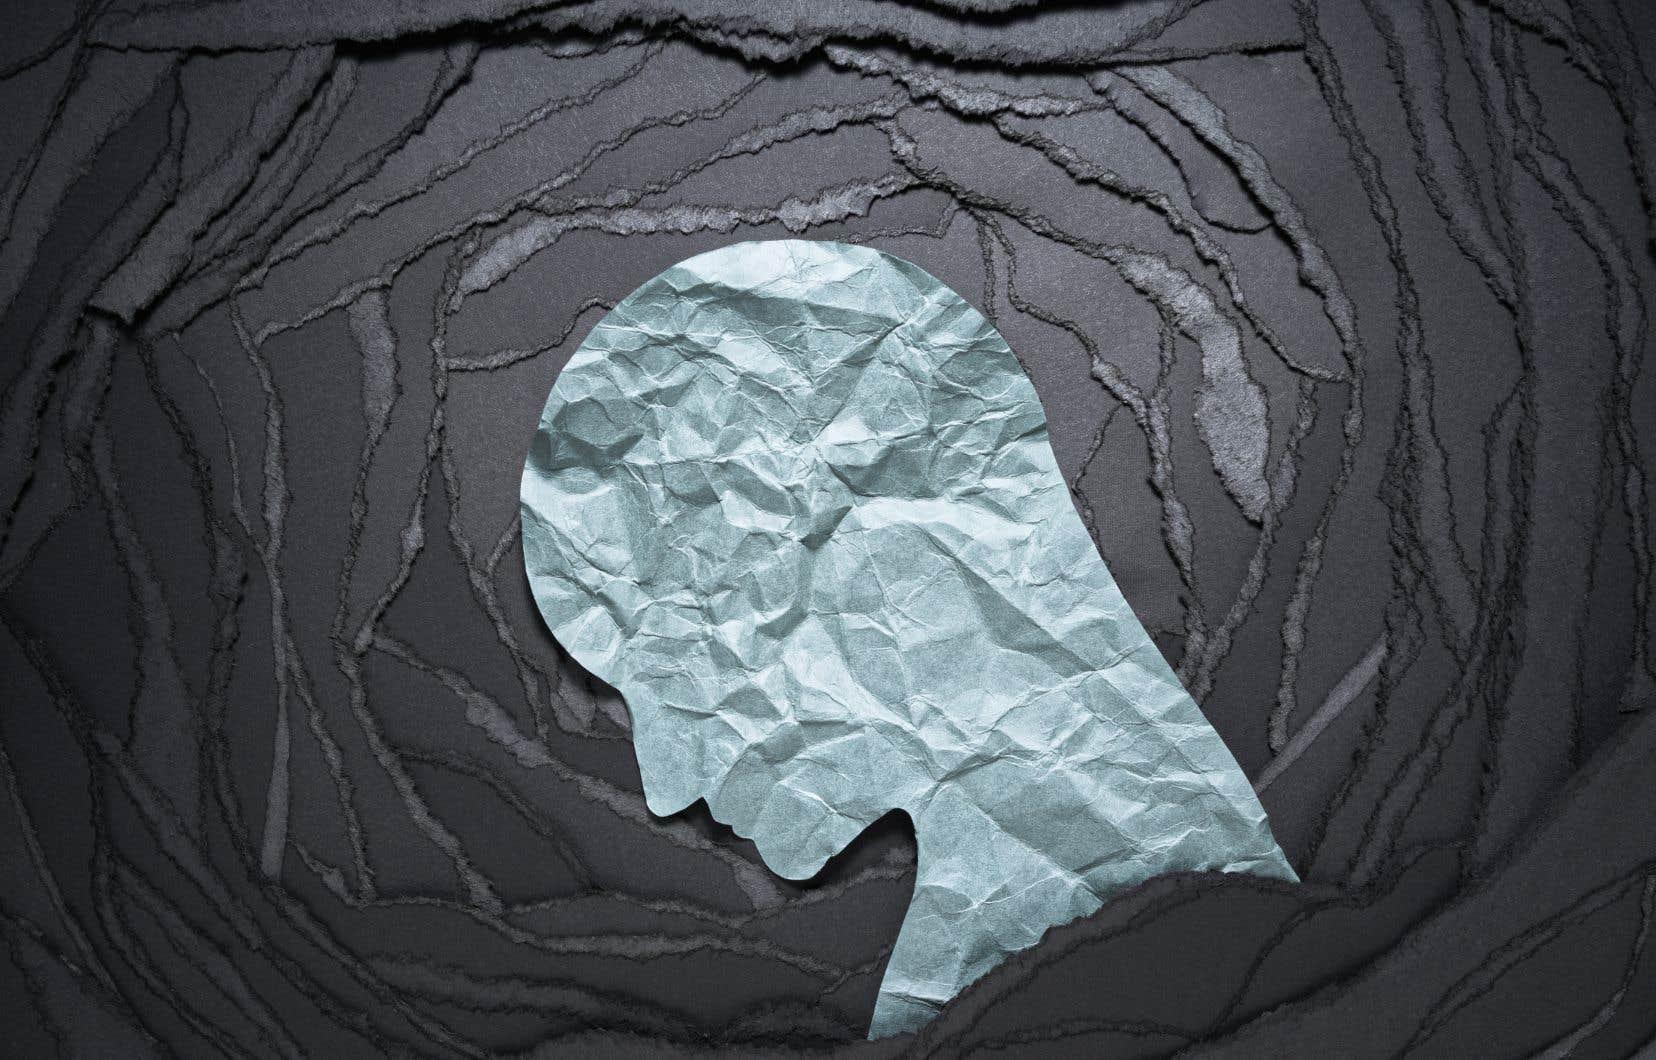 «En pleine Semaine de prévention nationale du suicide, le paradoxe de proposer et d'avaliser que des personnes souffrant de troubles mentaux puissent s'enlever la vie est à la fois saisissant et déplorable», pensent les auteurs.